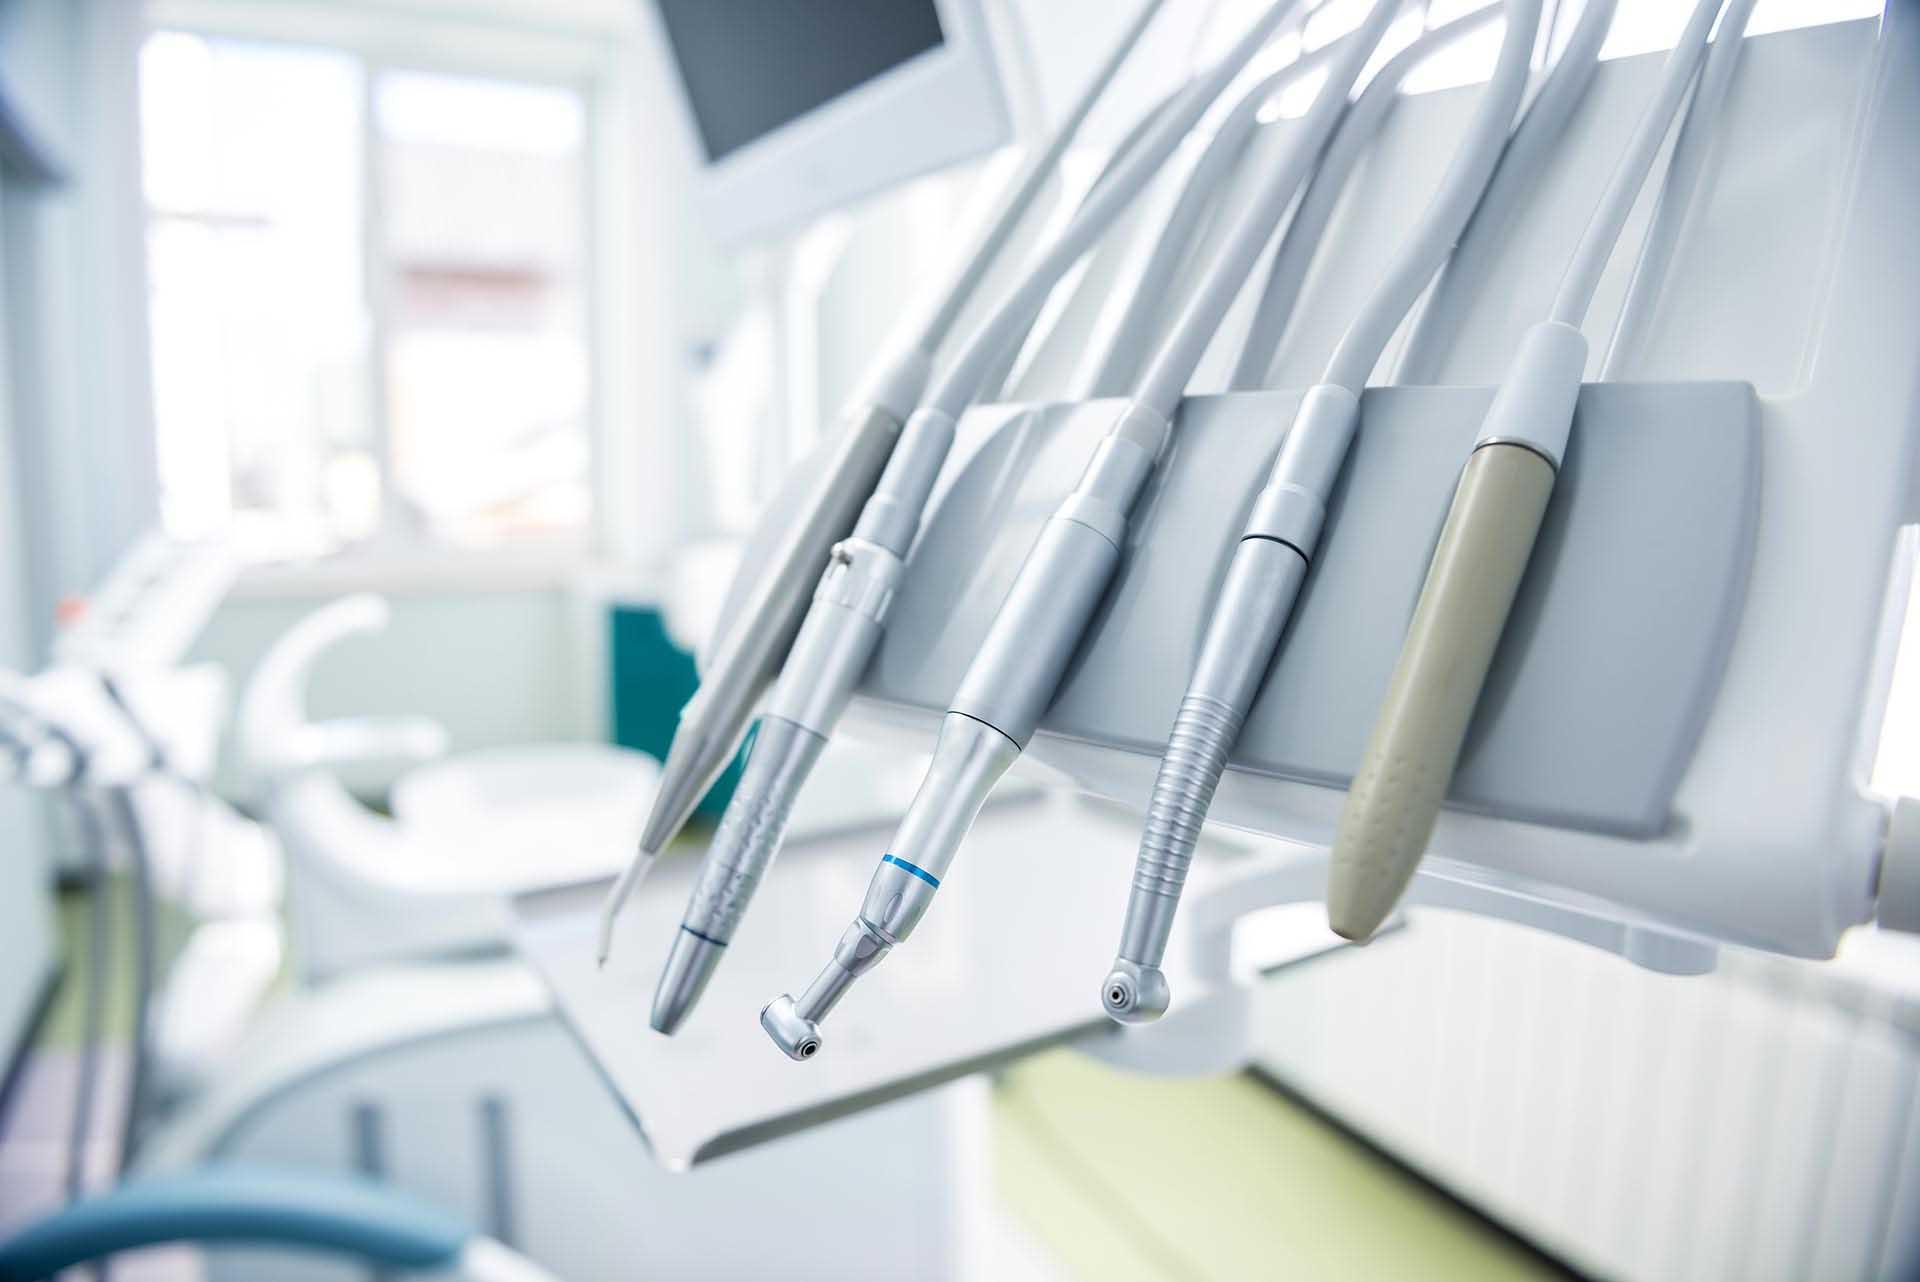 Strumenti implantologia Monza